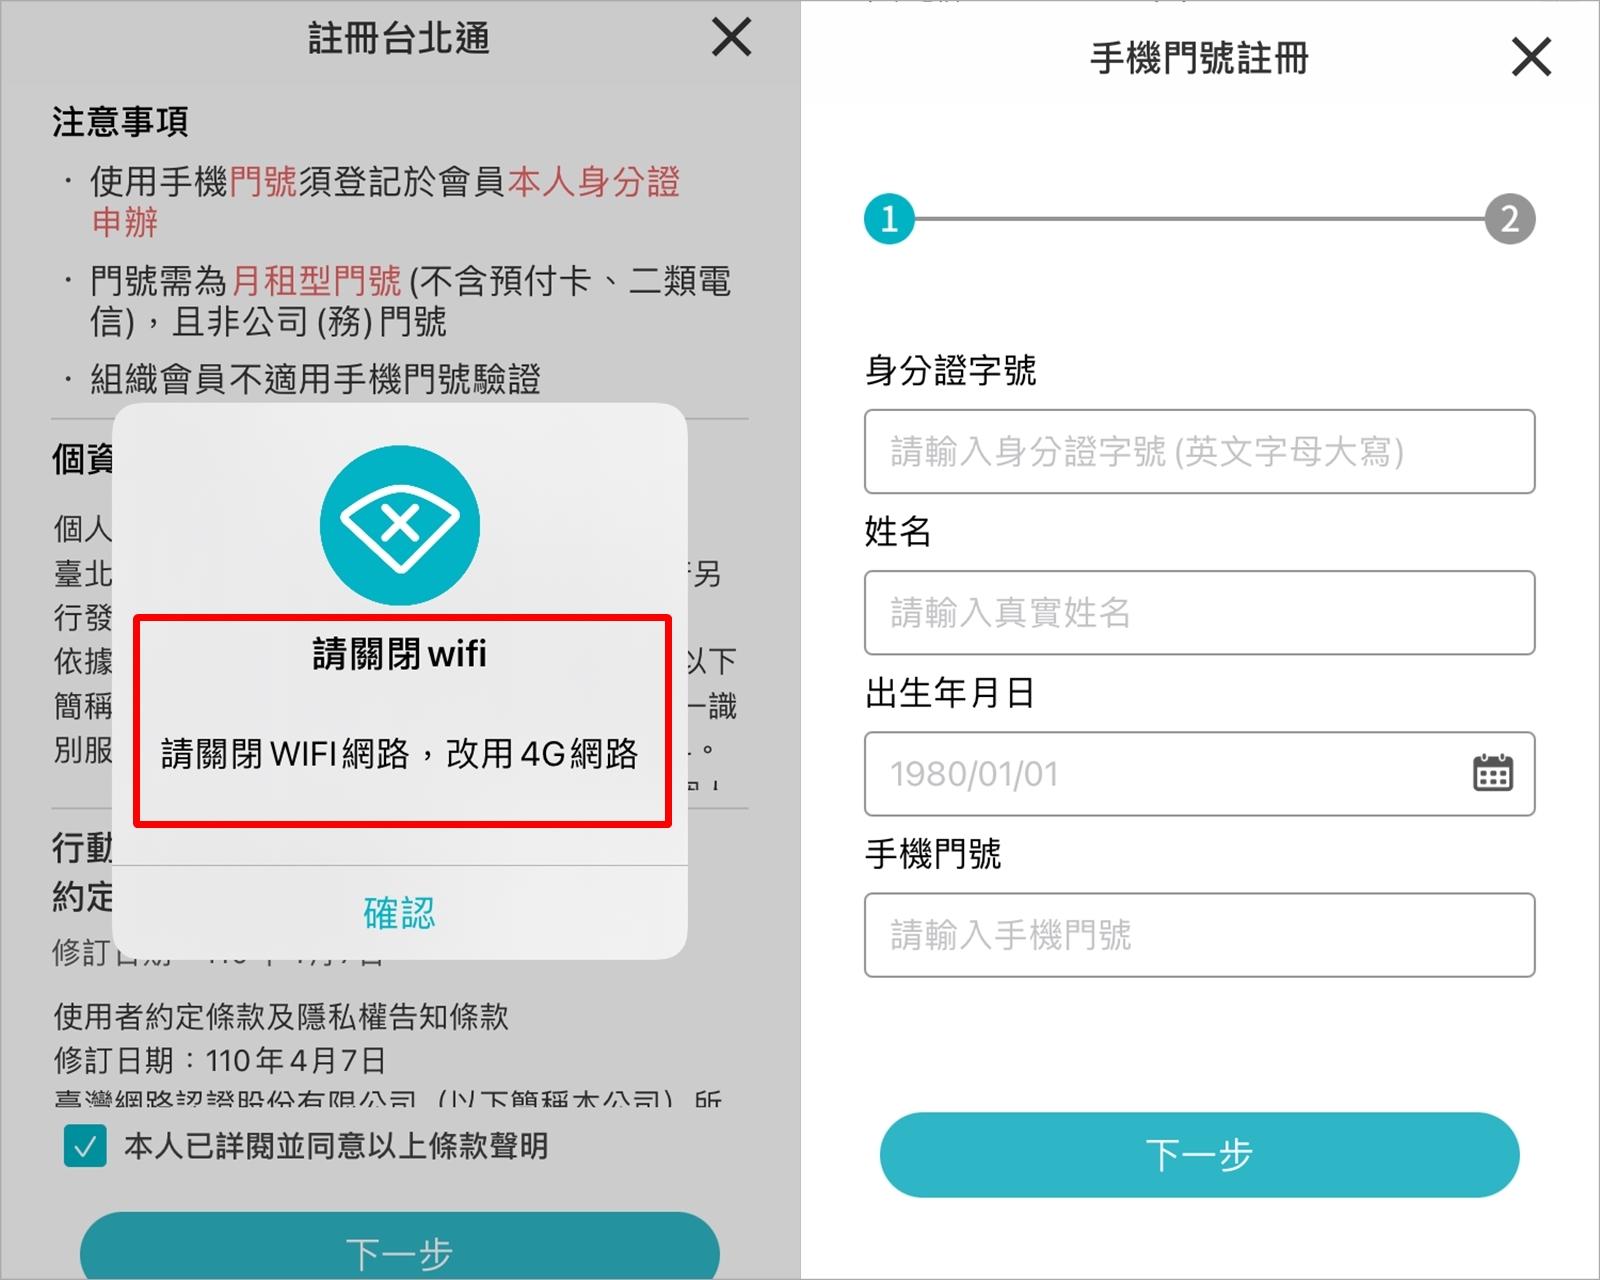 台北通TaipeiPASS。市民服務APP升級版使用心得|防疫實聯 x 線上紓困申請